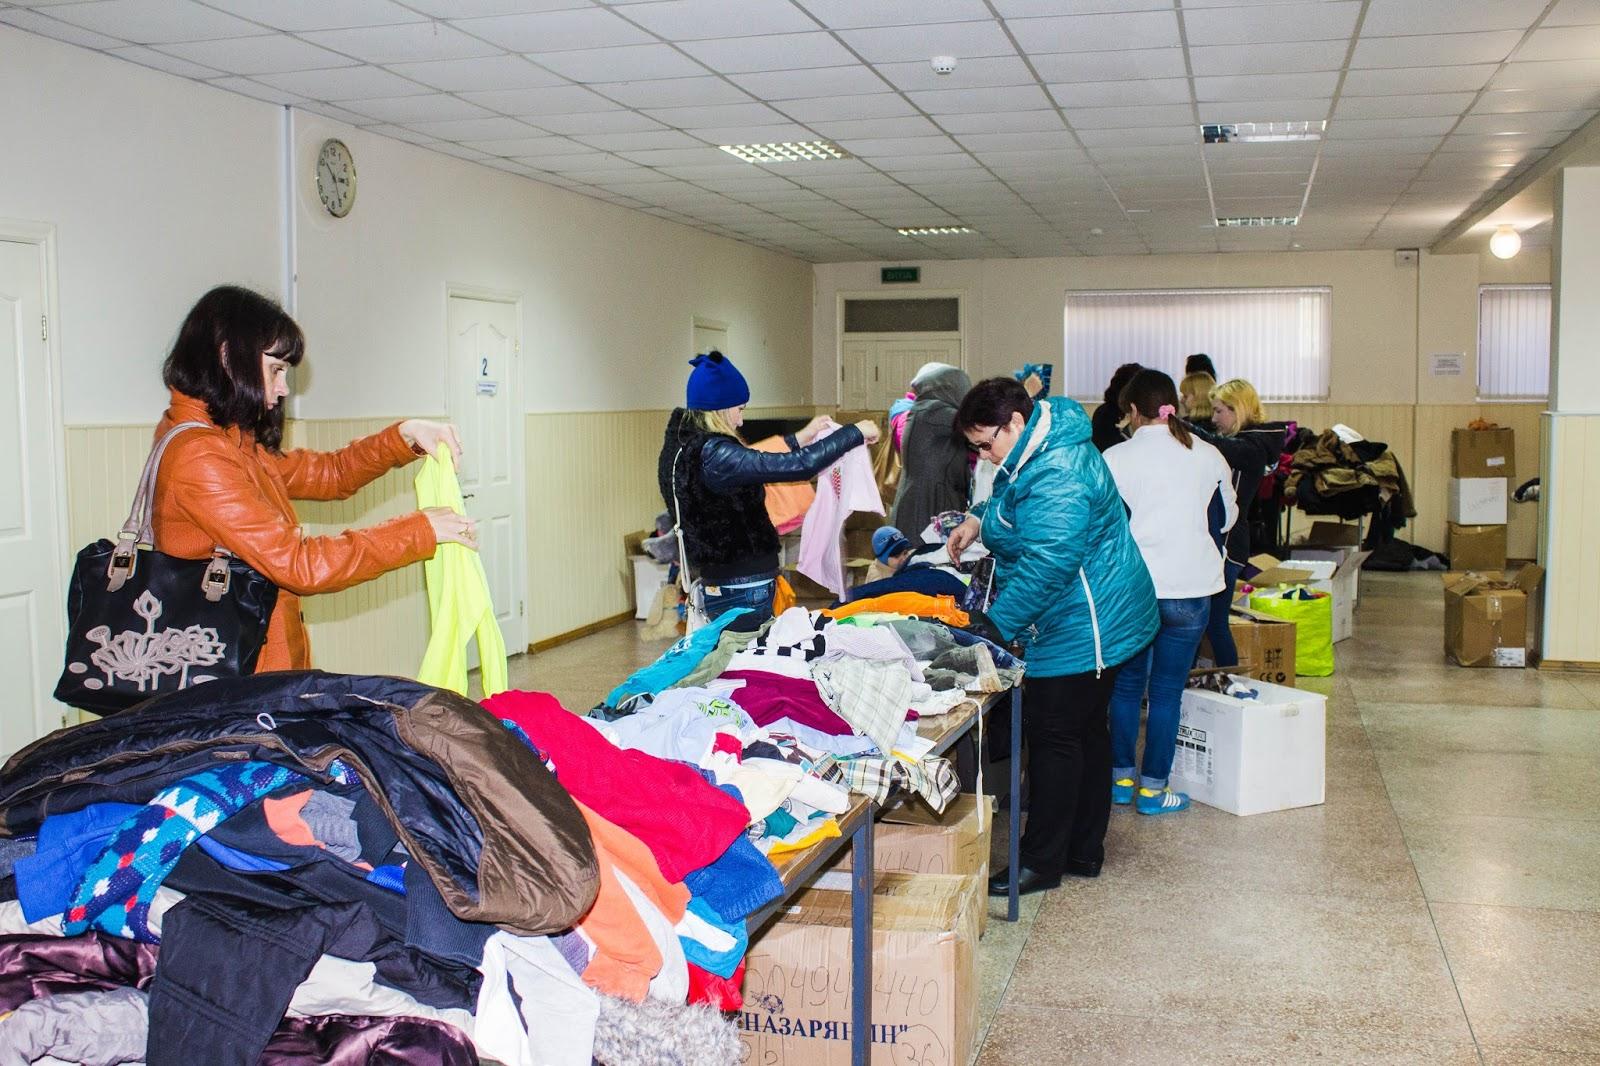 В Новій Каховці проведено благодійну акцію для вимушених переселенців та учасників АТО